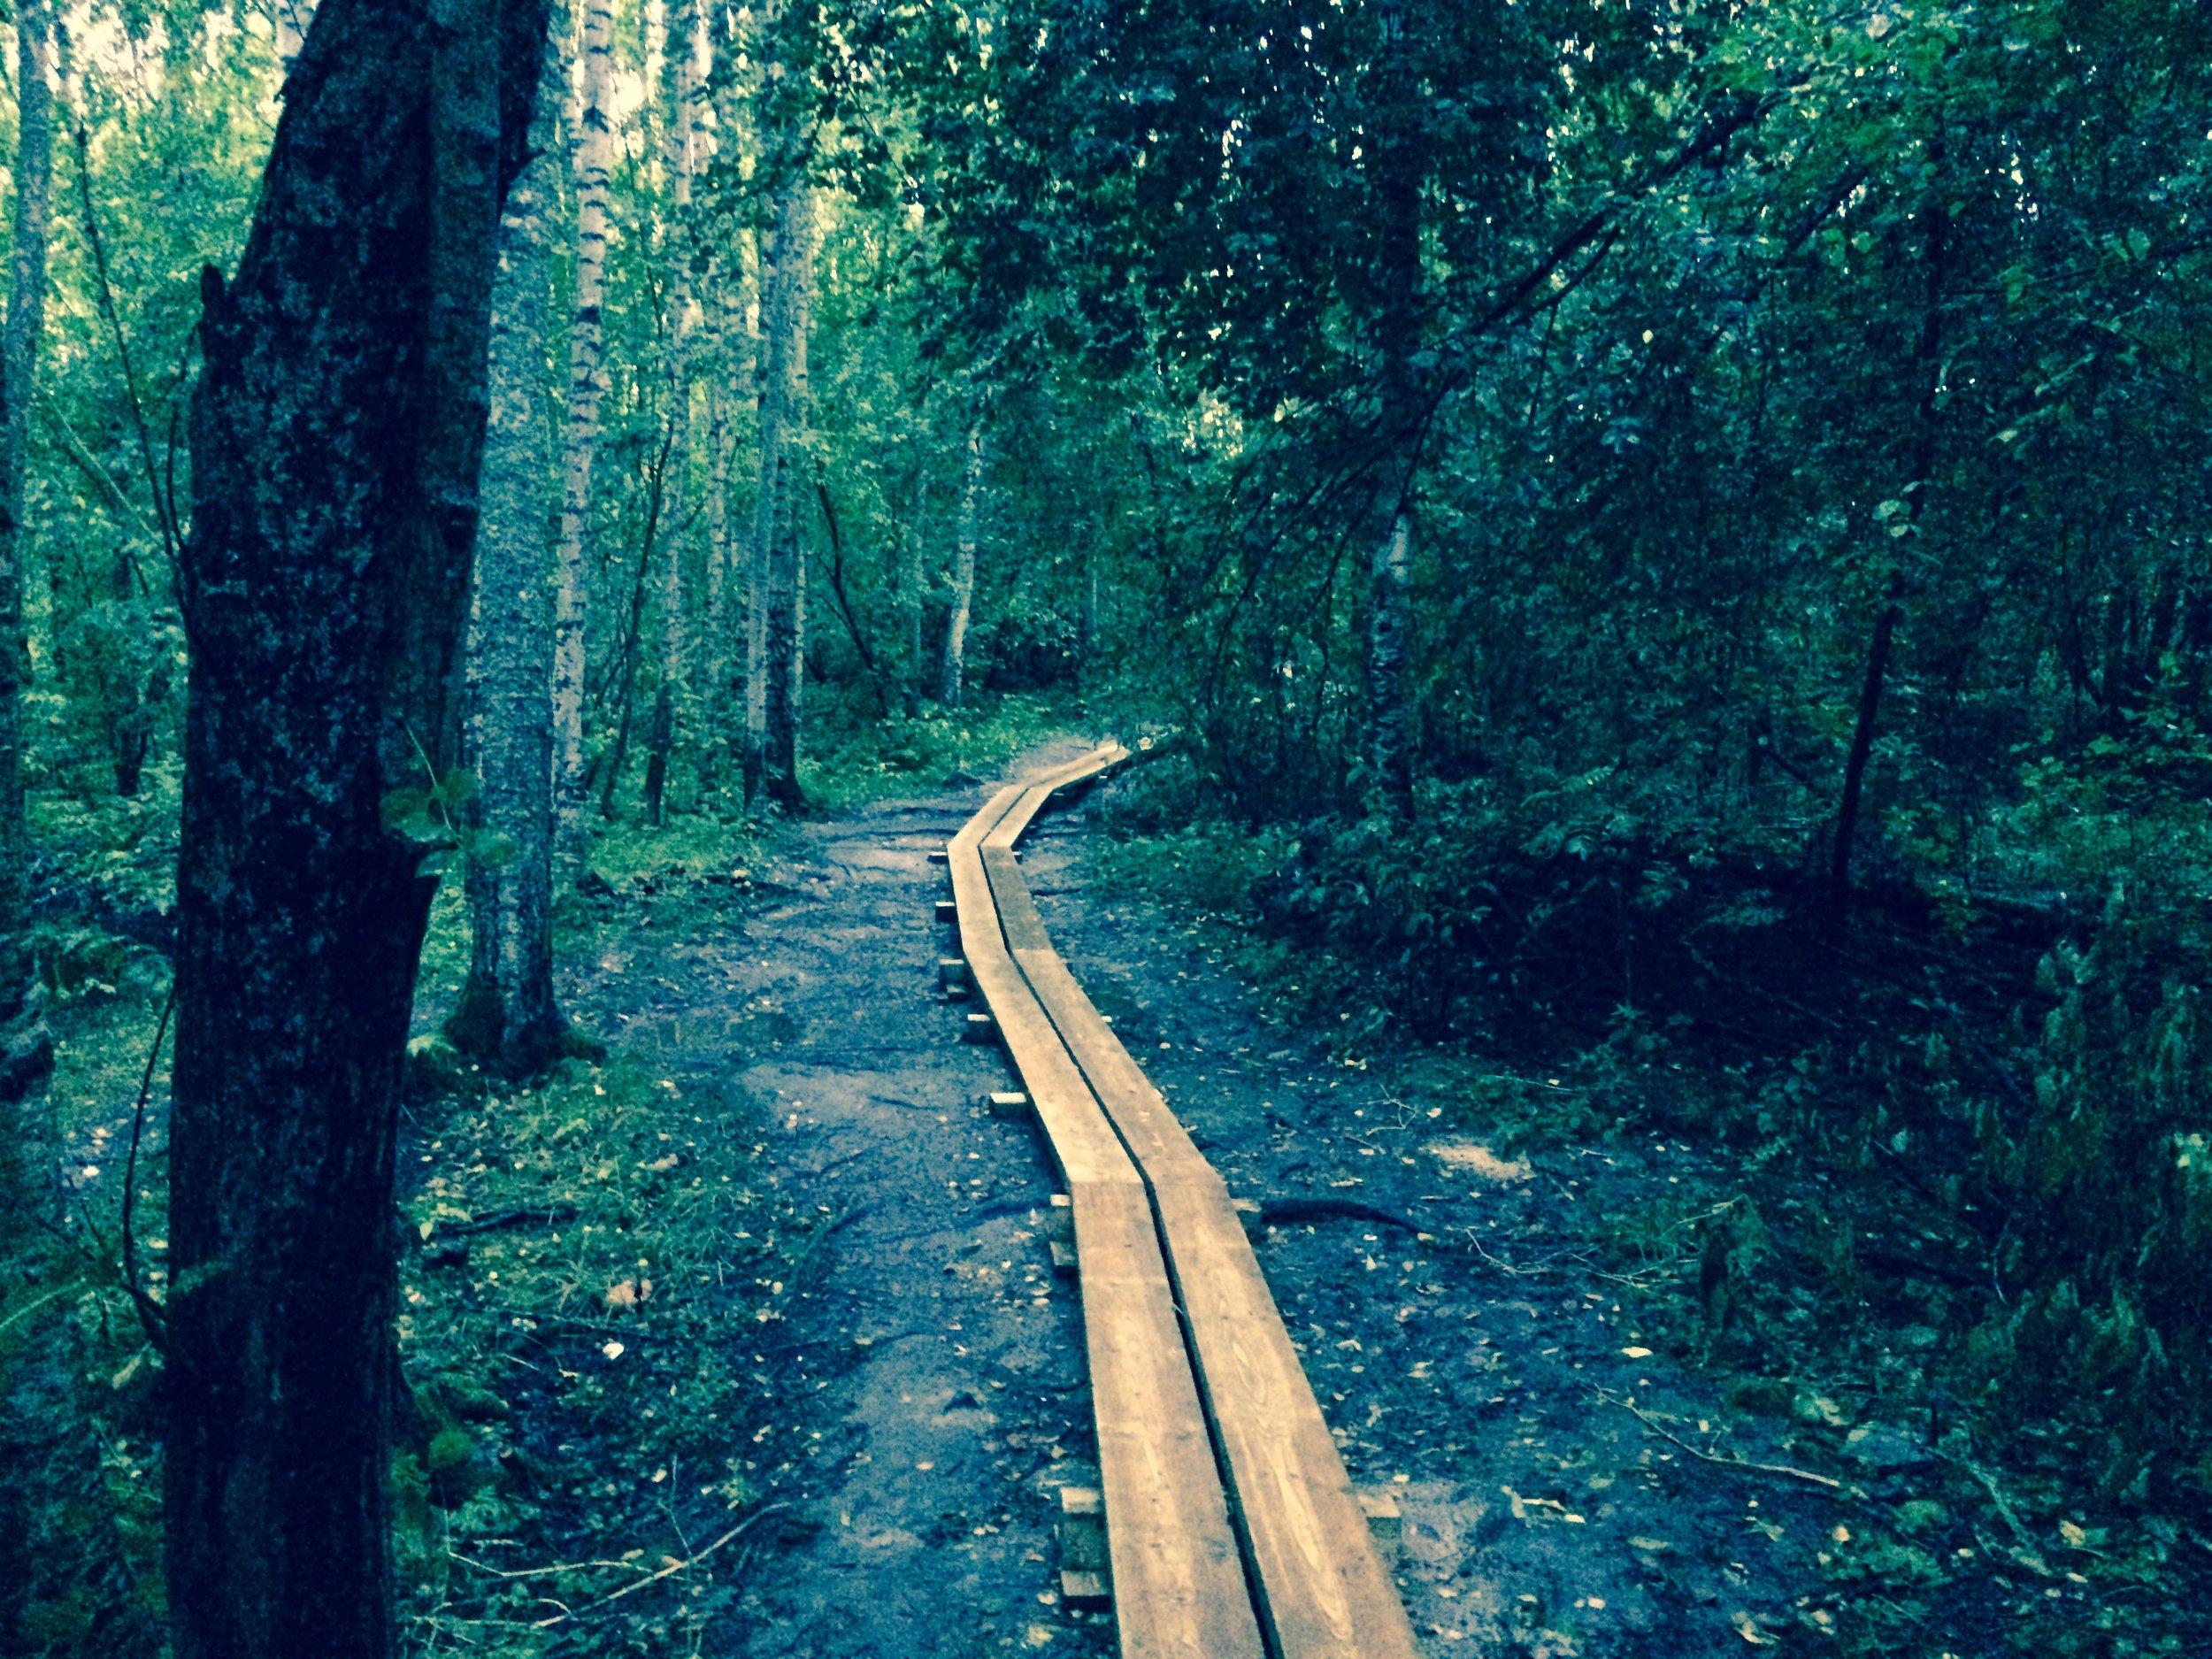 Kulkekoon polkusi läpi kauniiden maisemien ja suurien seikkailujen!